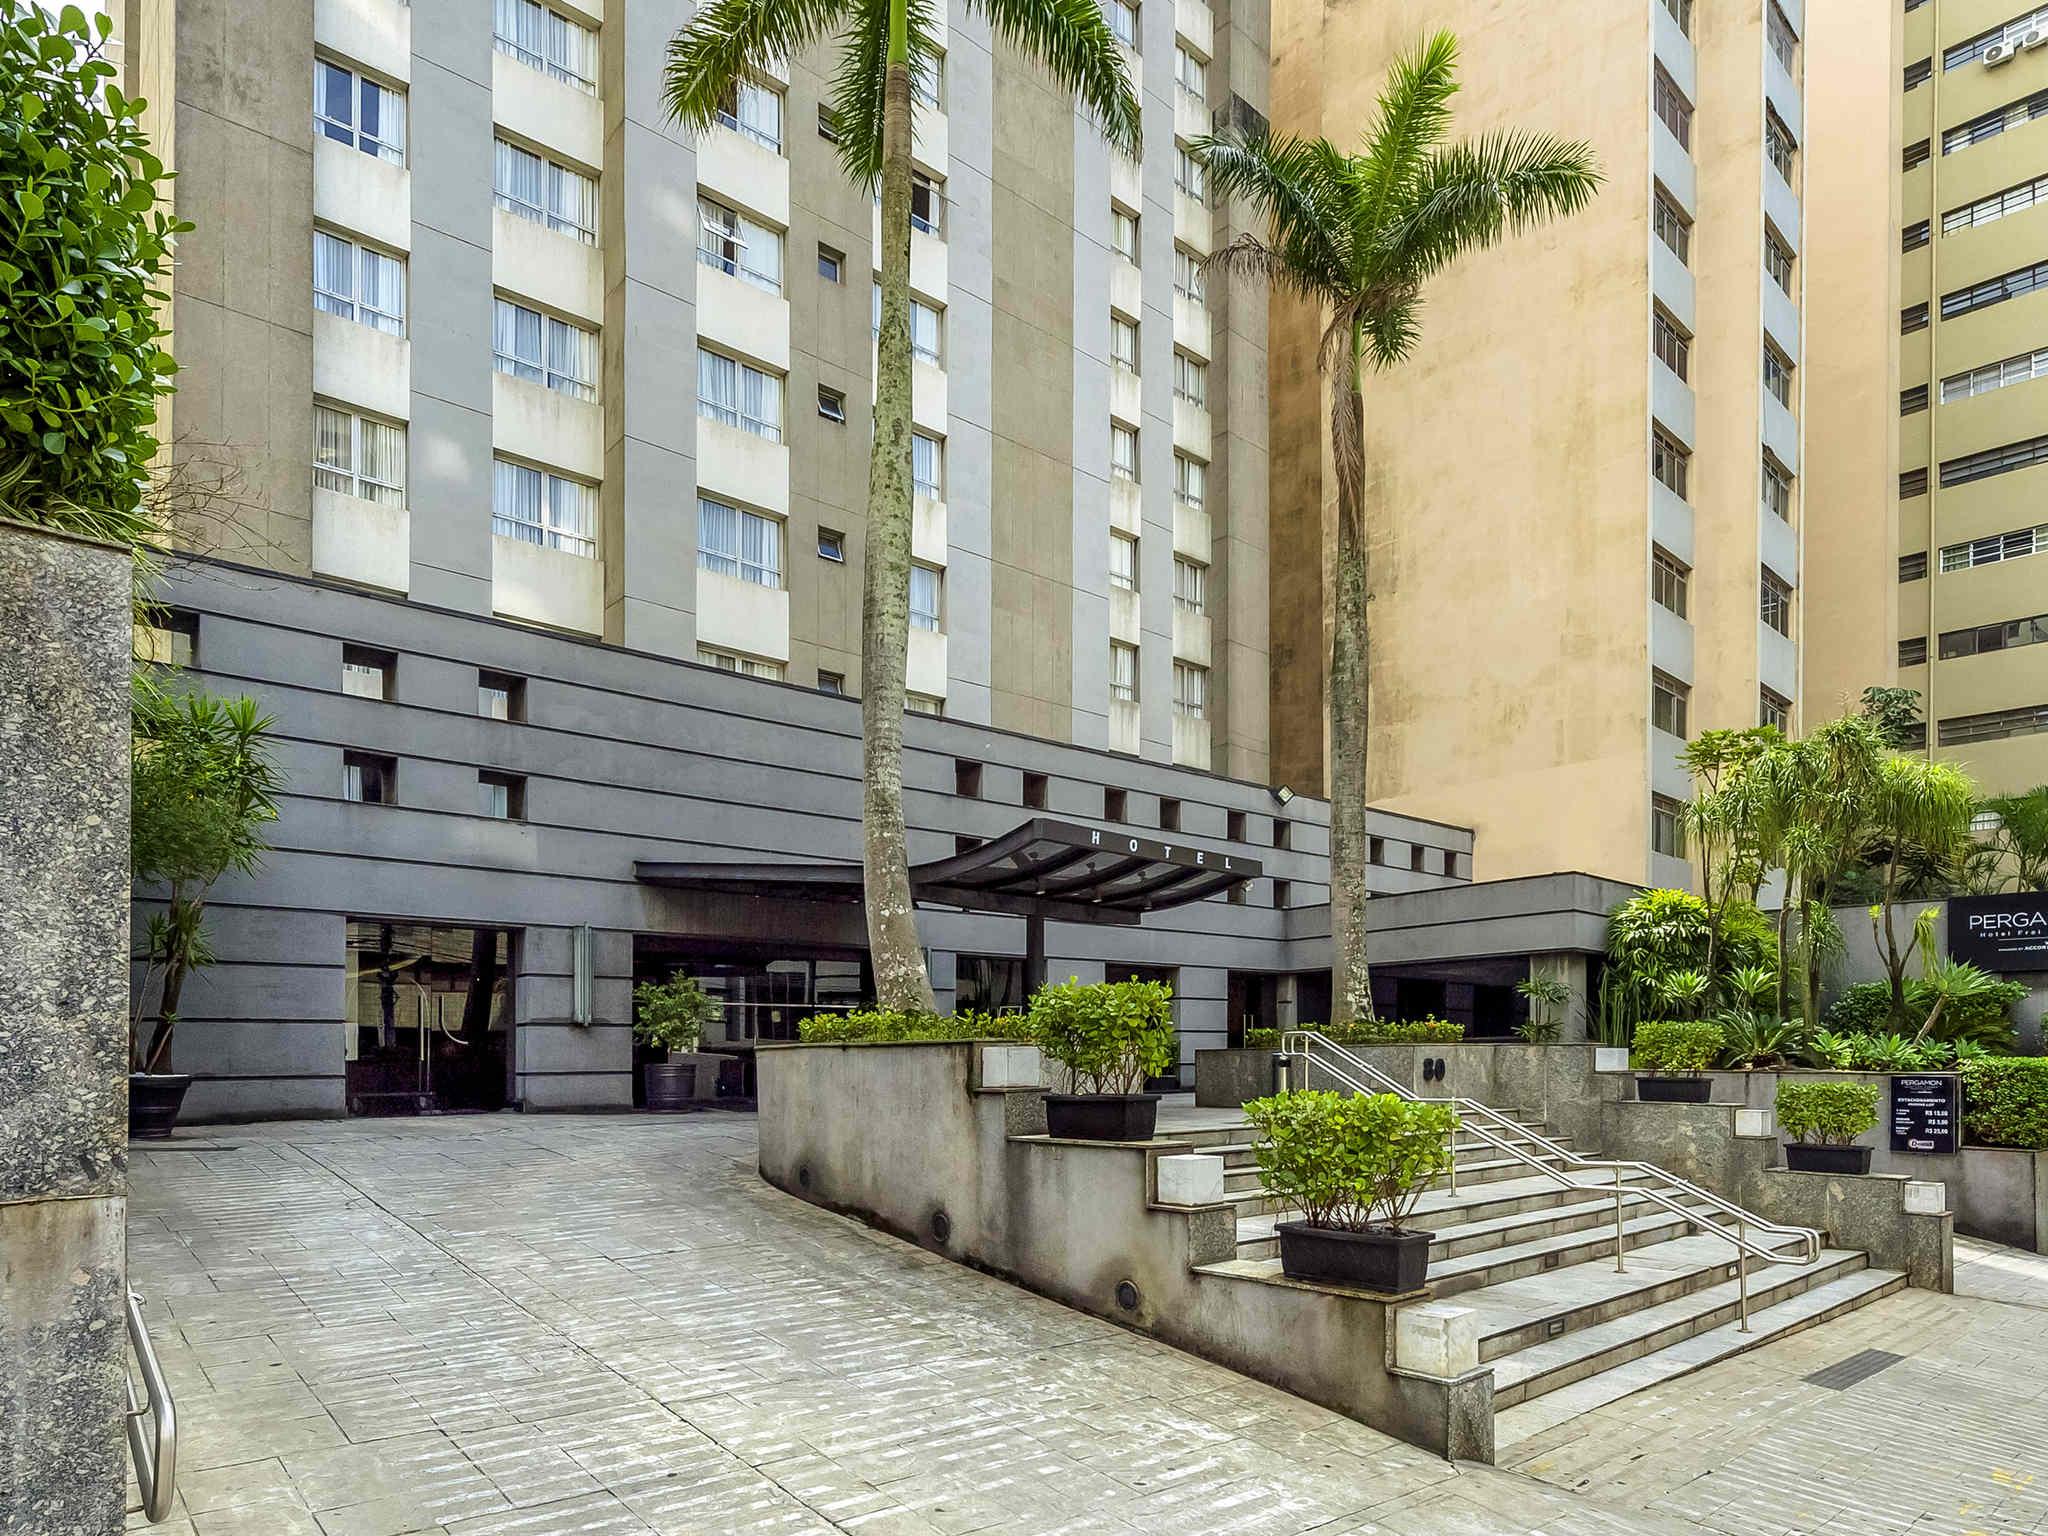 Hotel – Hotel Pergamon Frei Caneca - zarządzany przez sieć AccorHotels